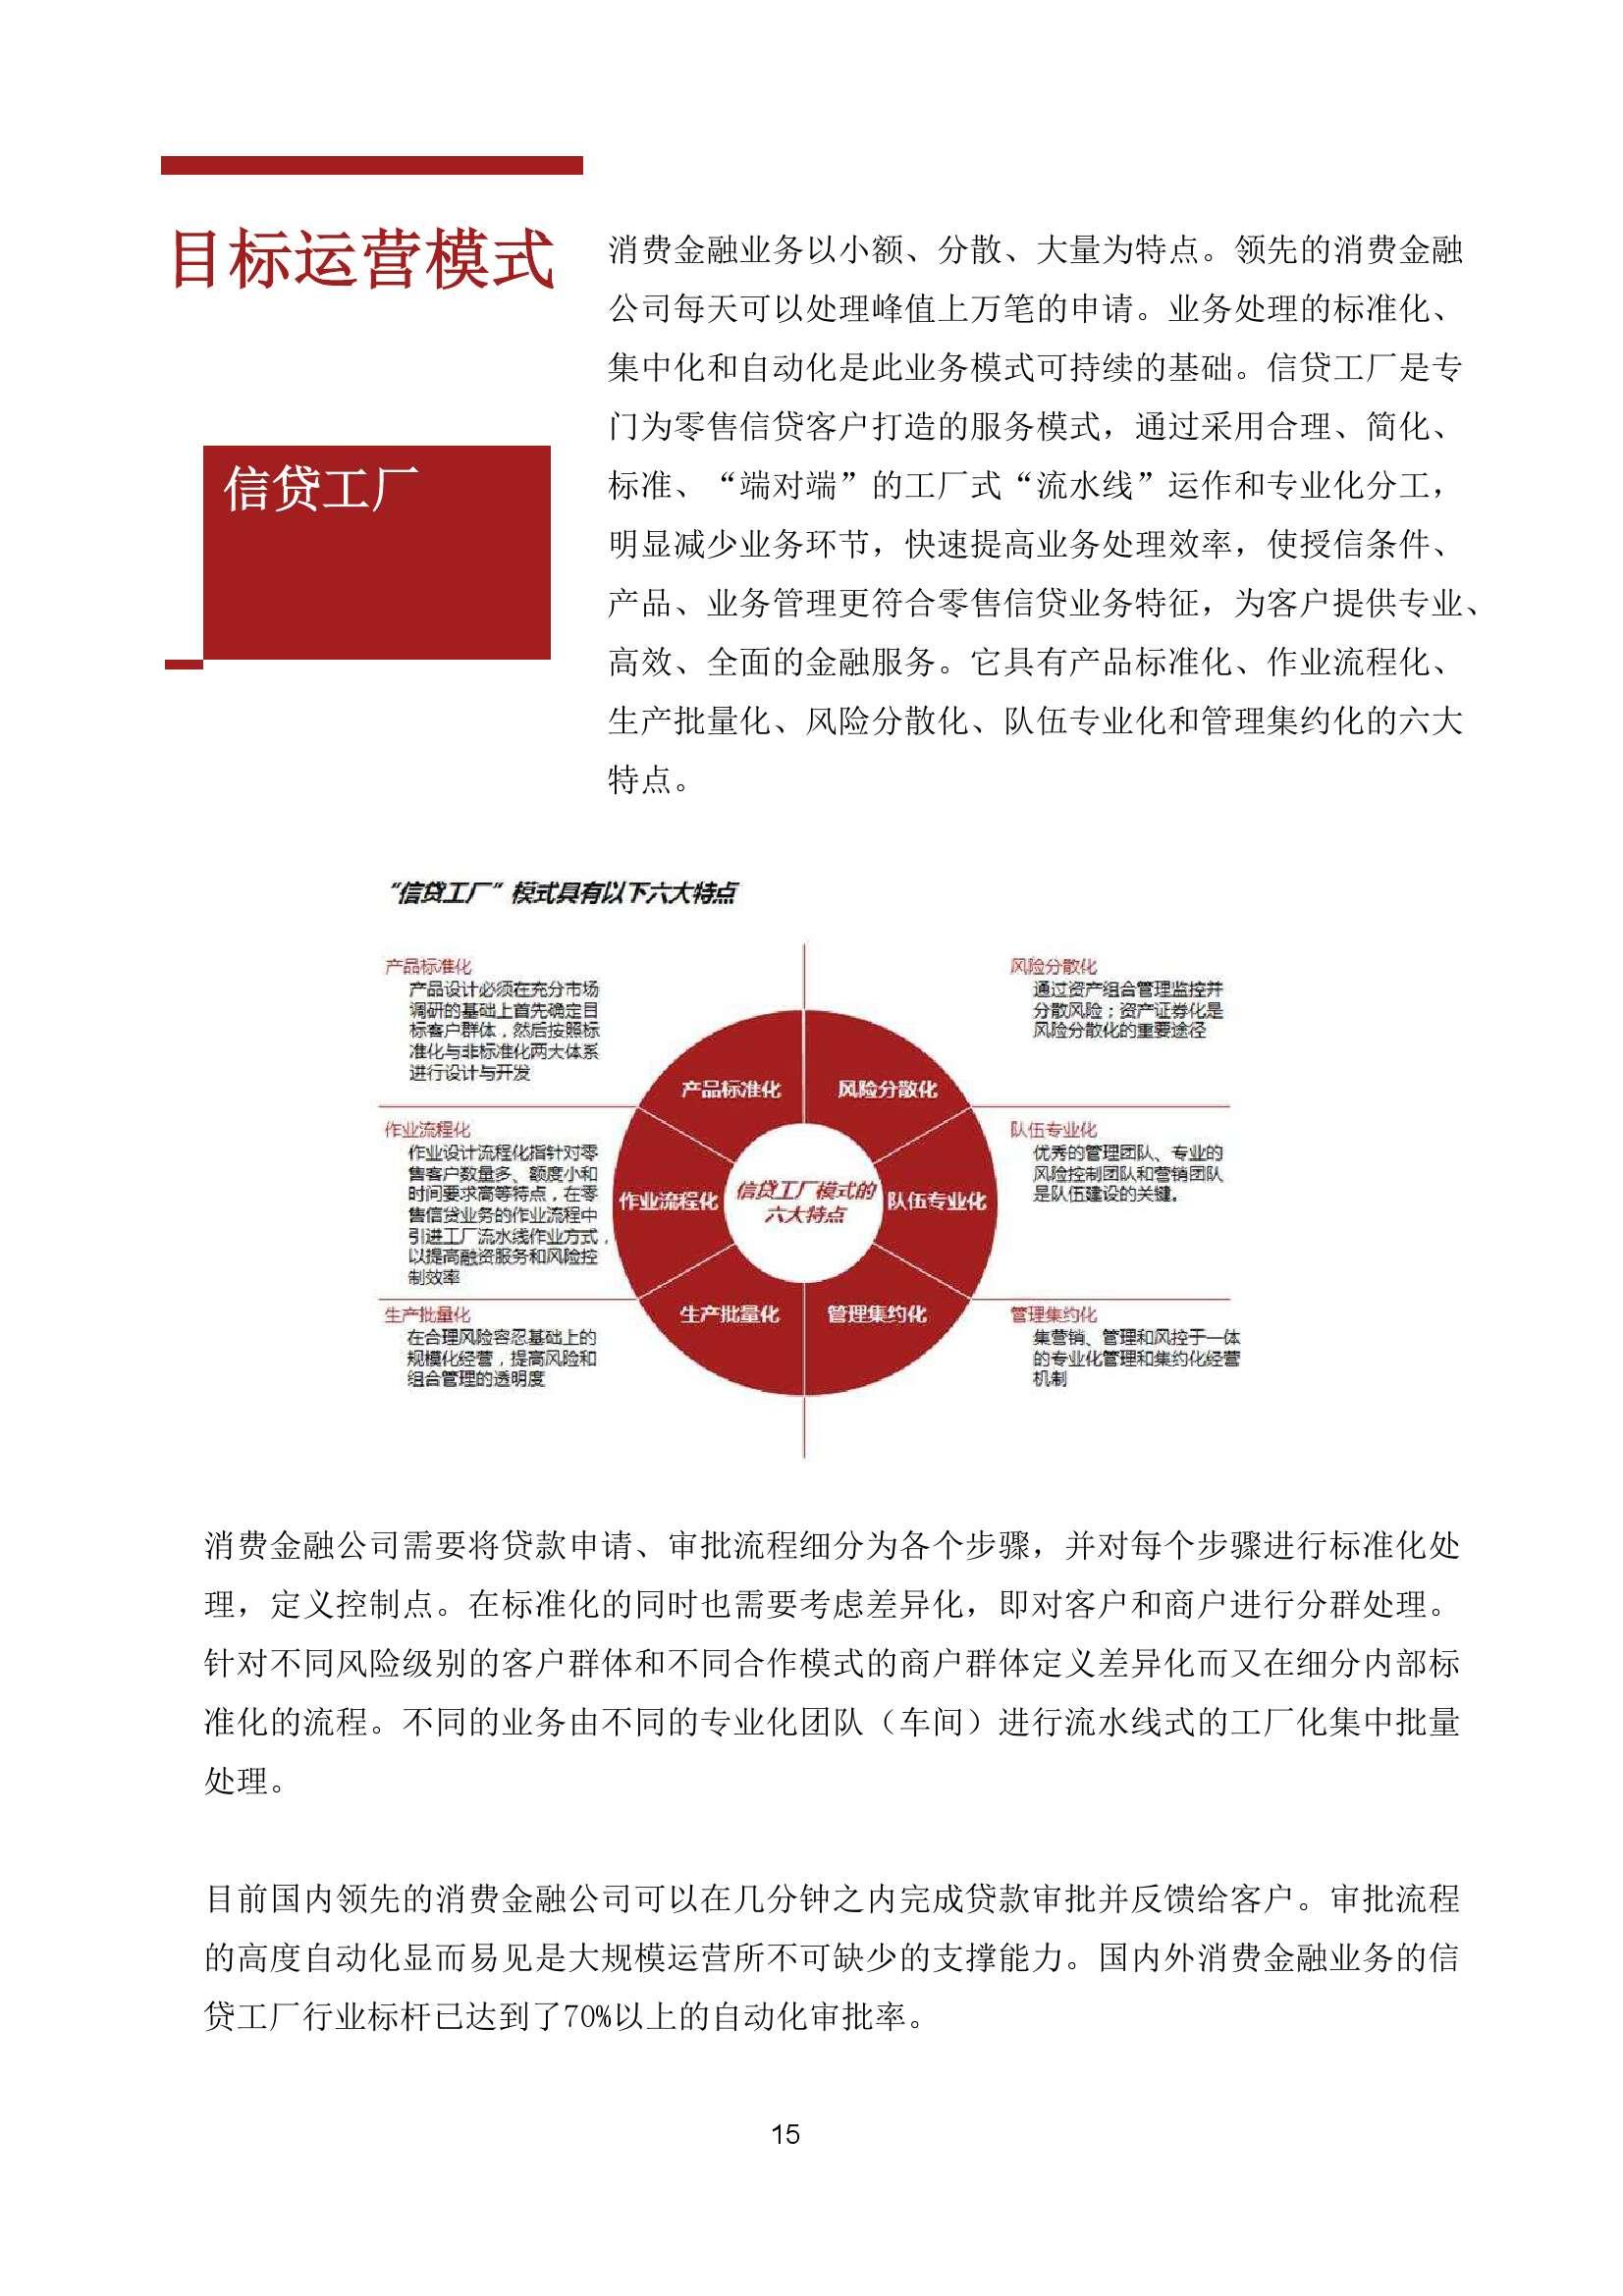 中国零售银行的蓝海_000015